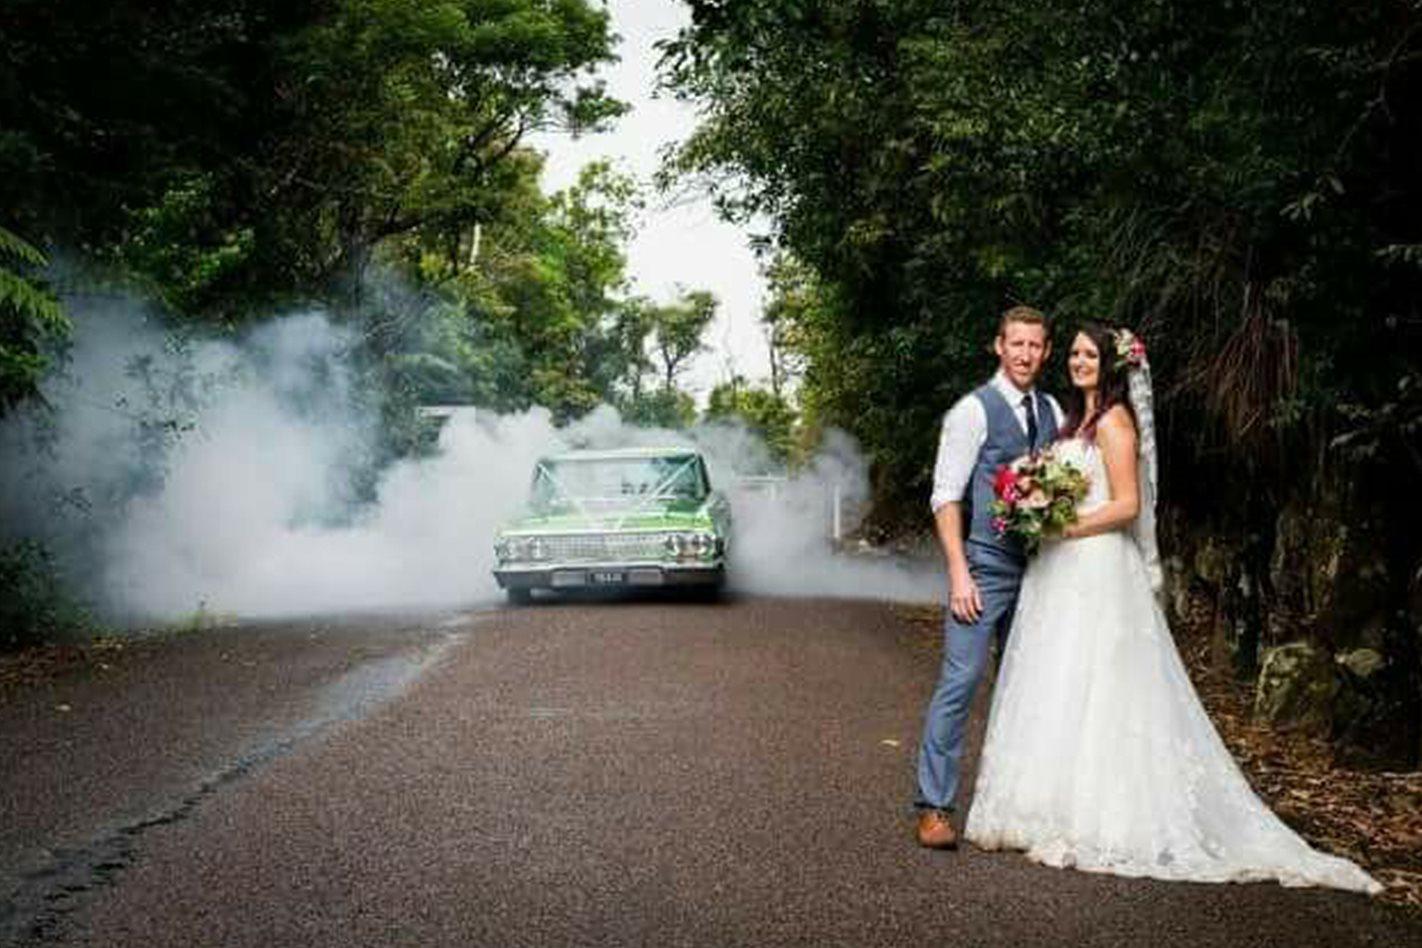 Luke Coble's Impala wedding car